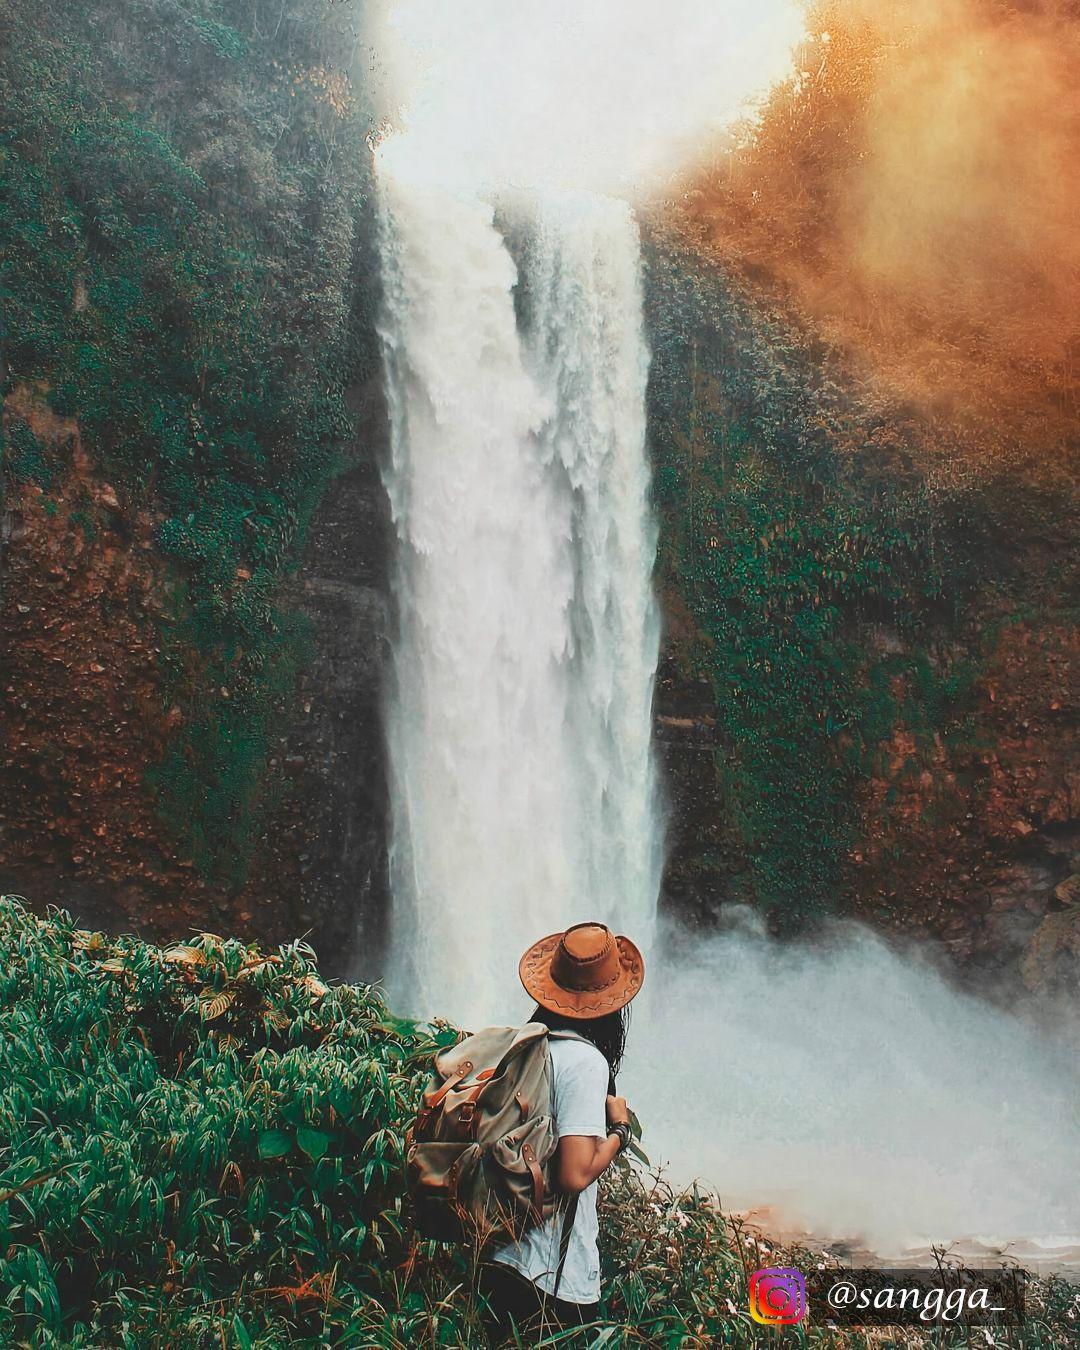 Salah Satu Tempat Terindah Yang Ada Di Garut Wajib Kamu Kunjungi Jika Kamu Mengaku Penikmat Keindahan Serta Anak Hits Waterfall Natural Landmarks Travel